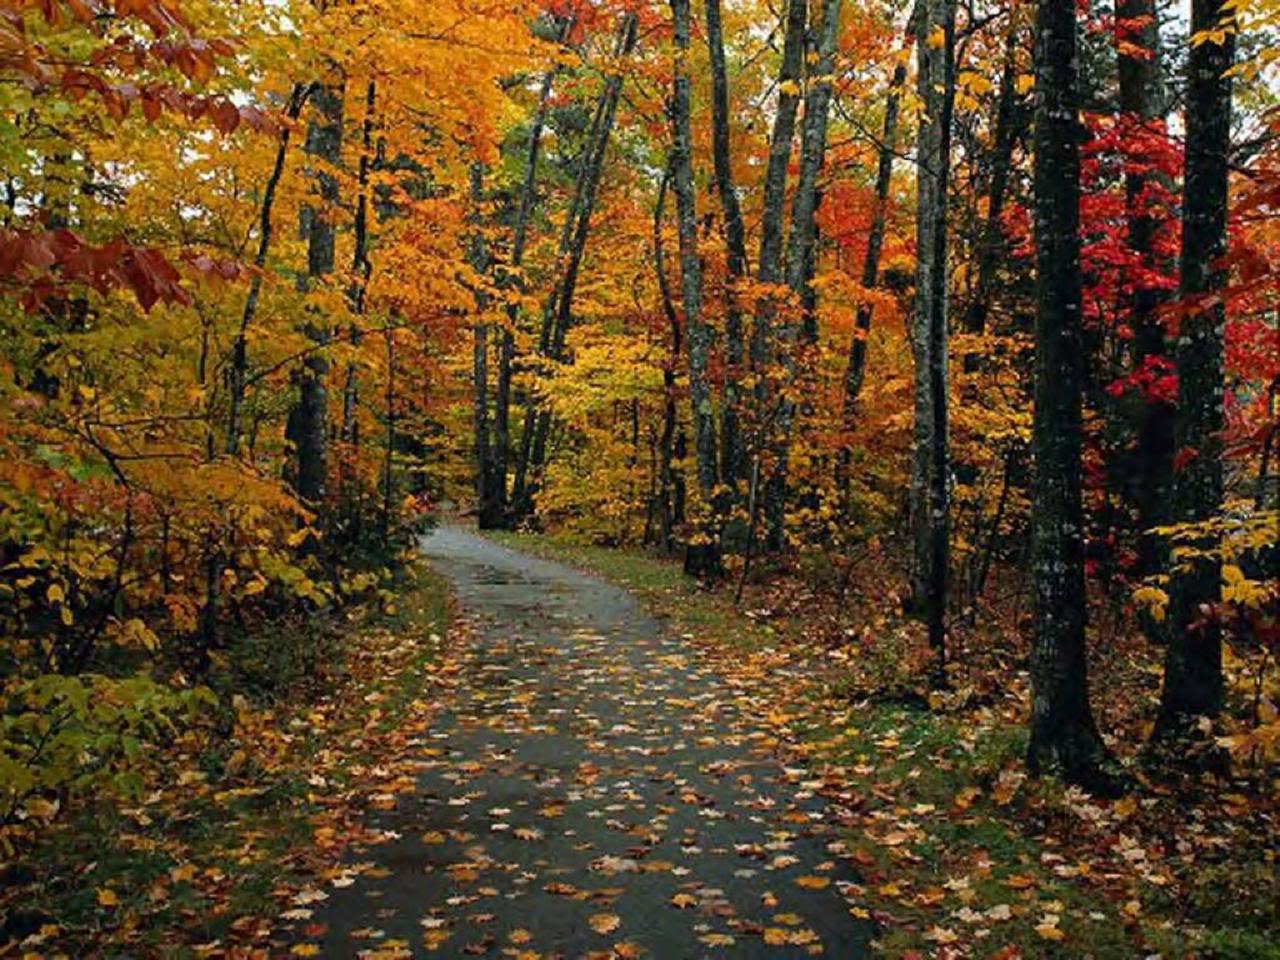 Country fall wallpaper wallpapersafari for Foto per desktop gratis autunno